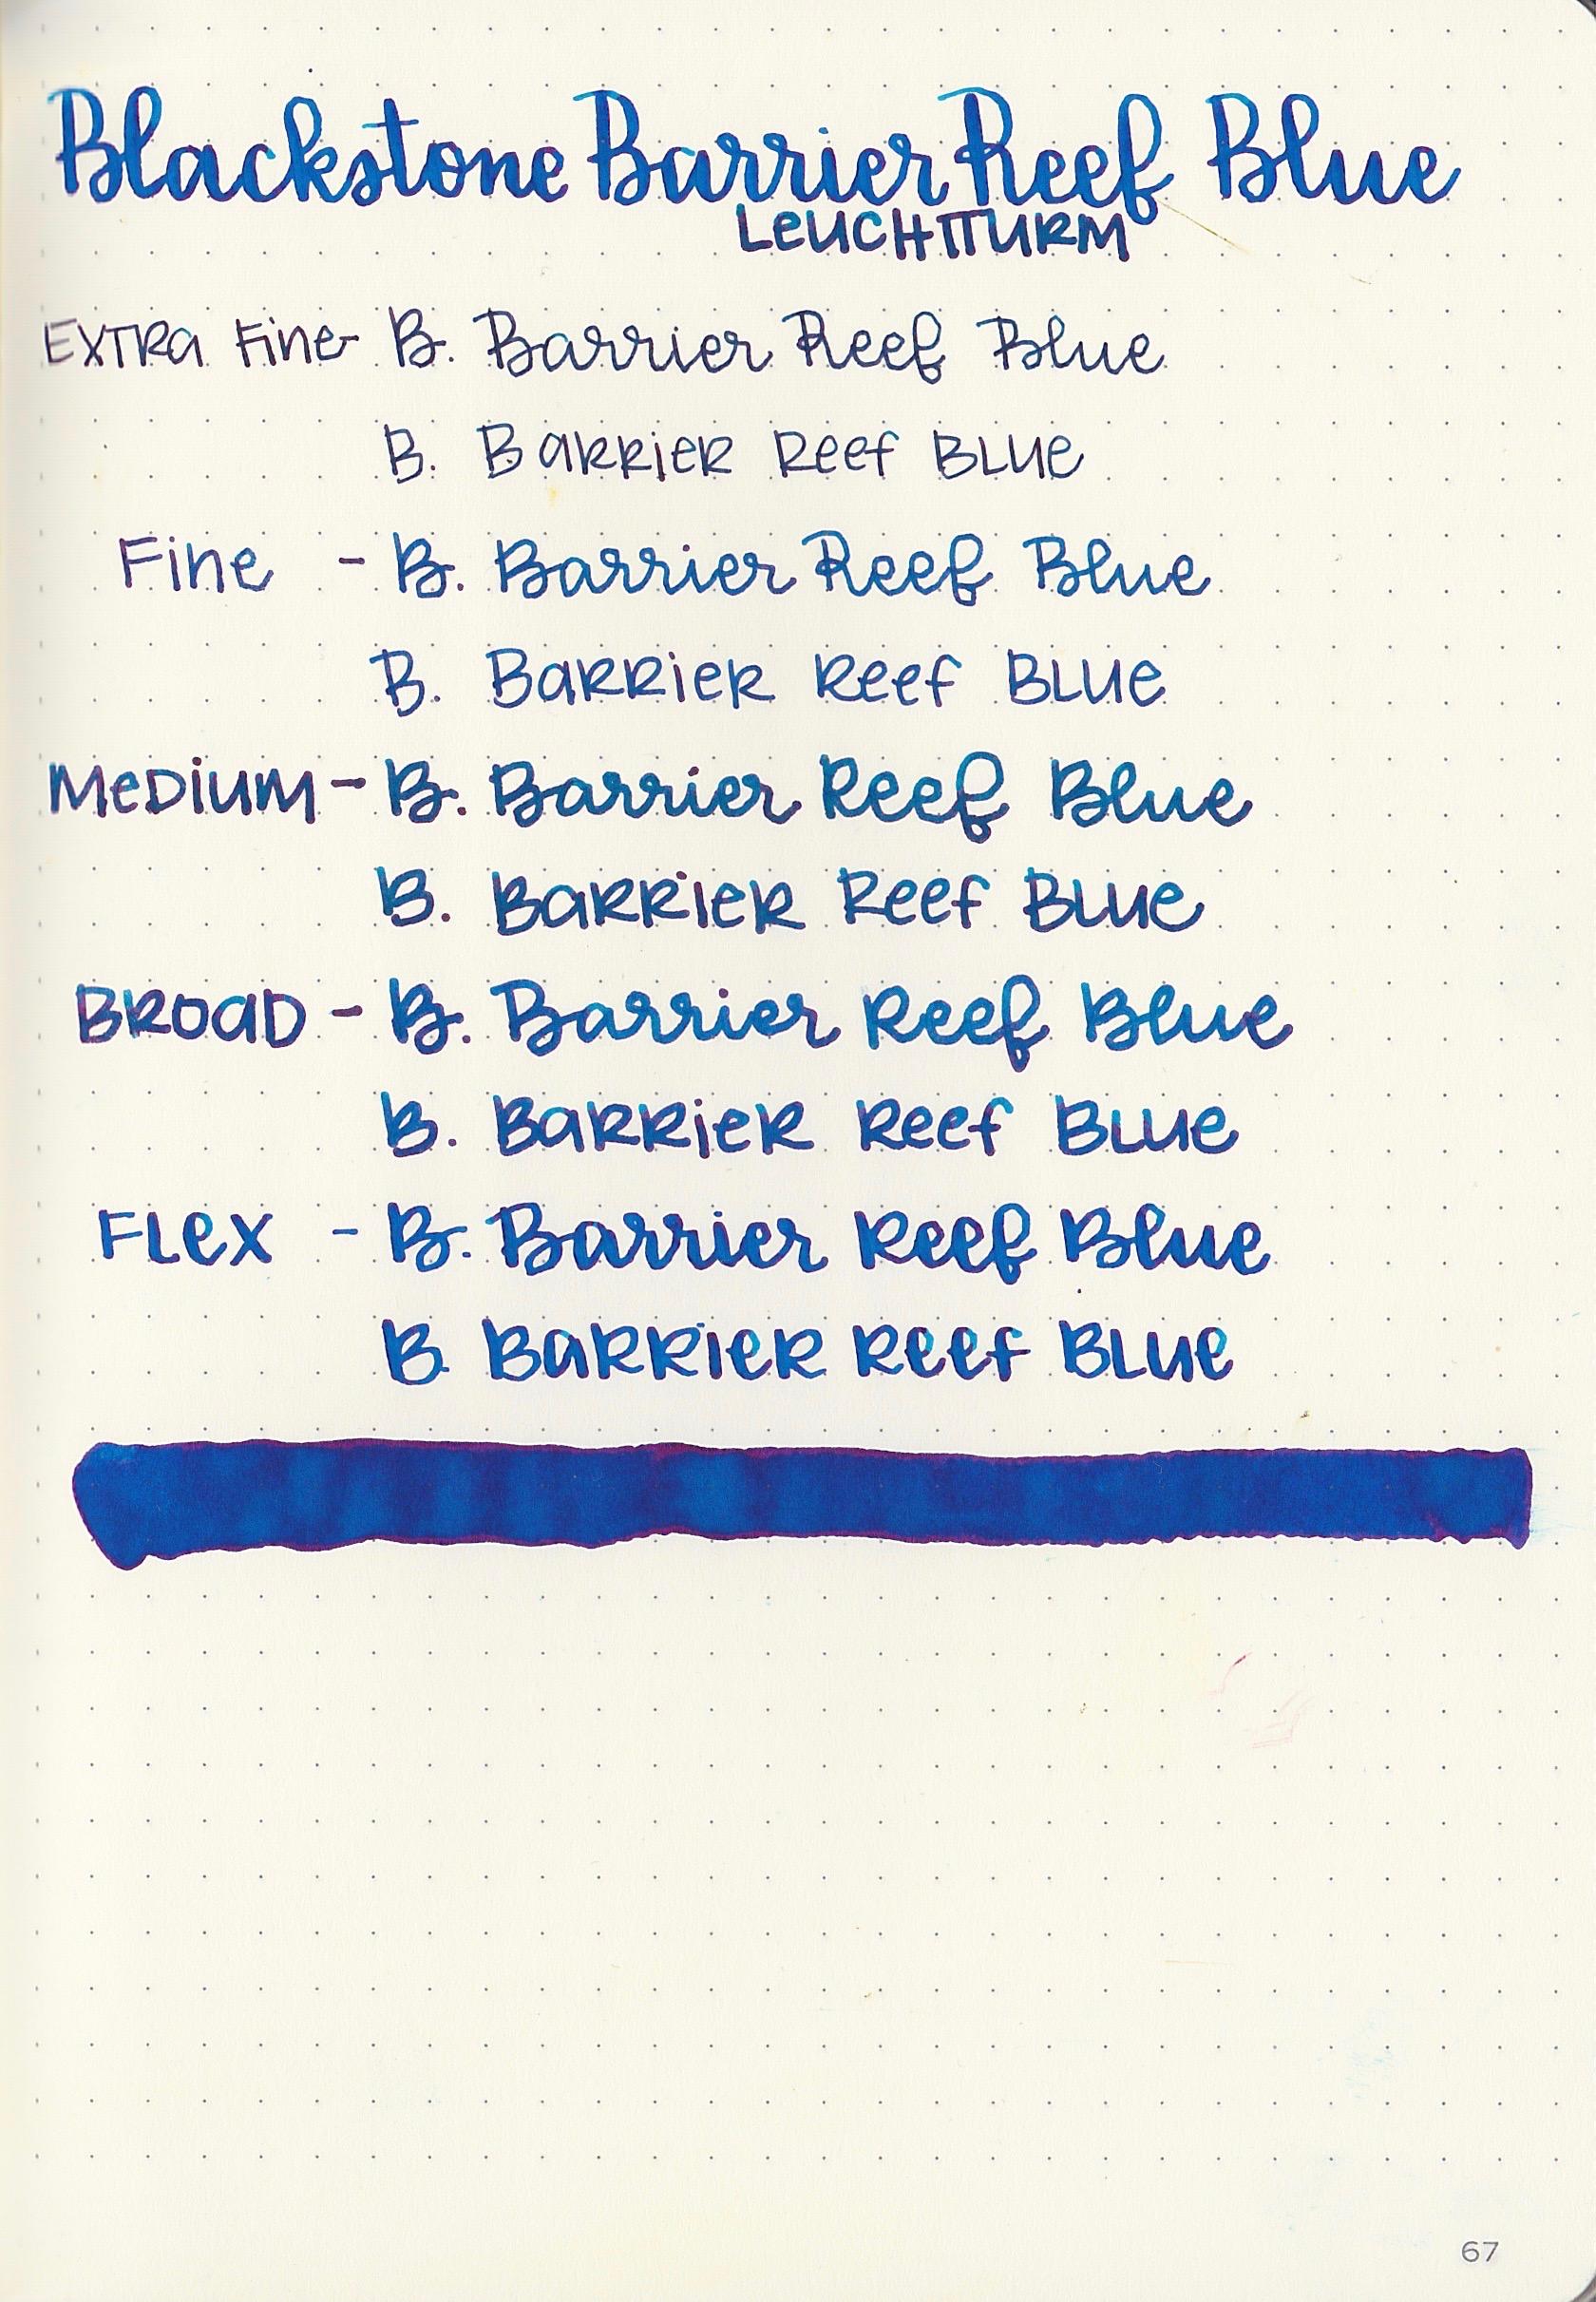 BSBarrierReefBlue - 10.jpg